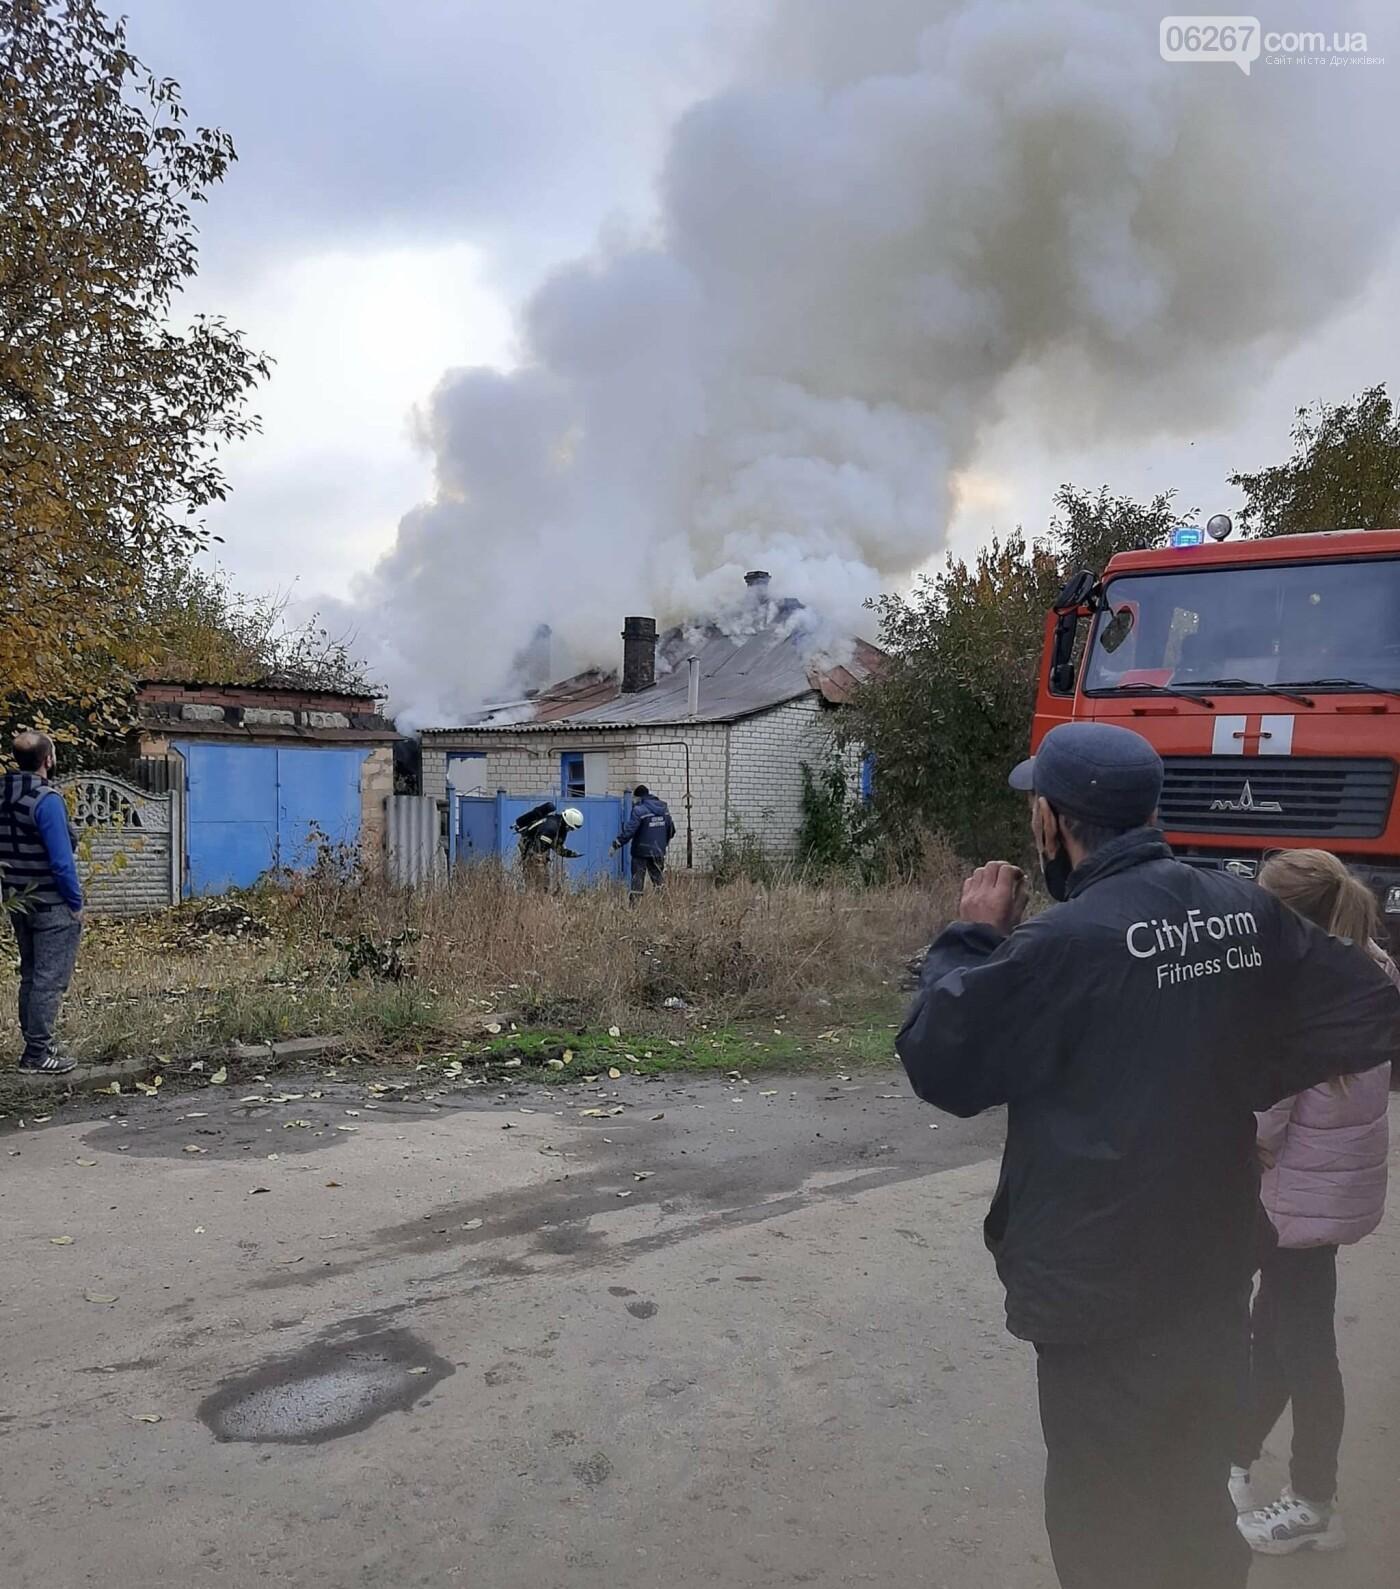 Дружківка: У селищі Яковлівка рятувальники саме зараз ліквідують пожежу (ФОТО), фото-2